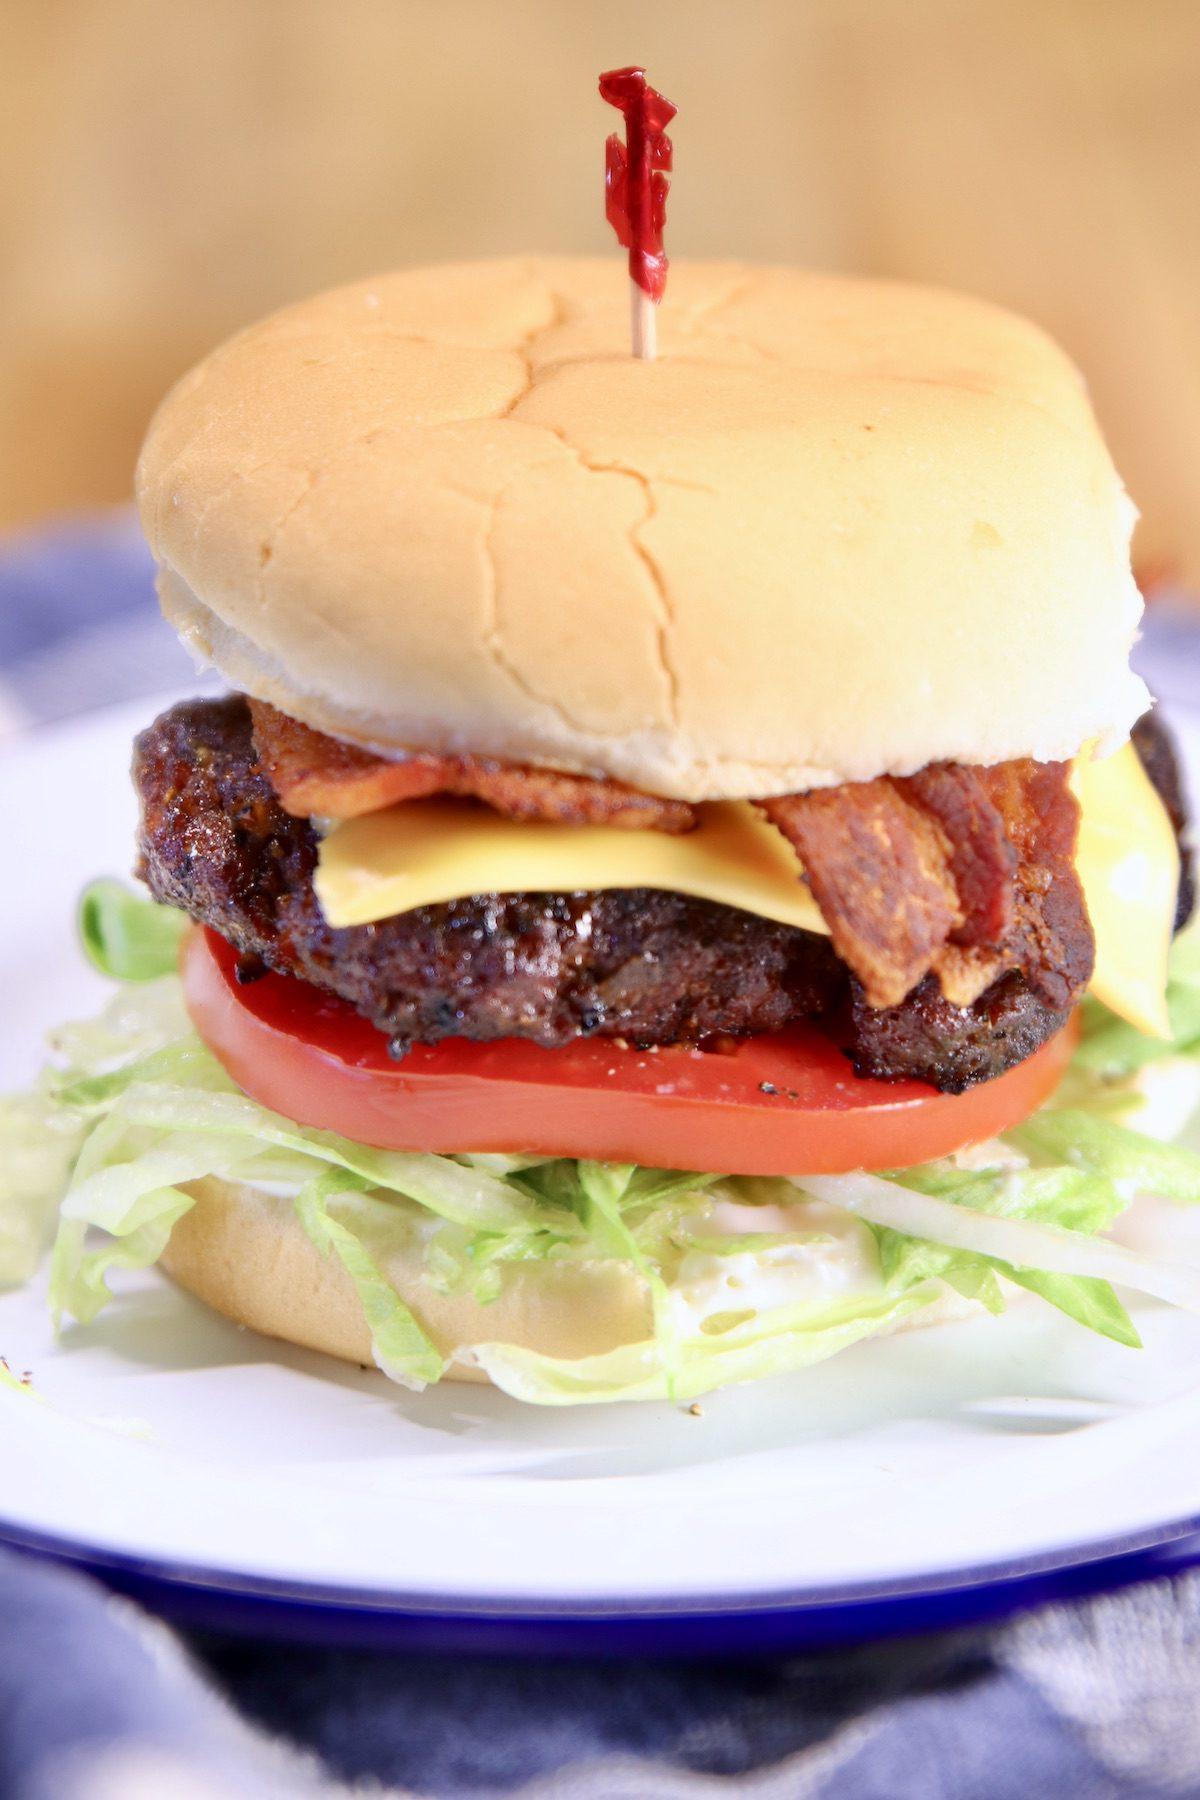 bacon cheeseburger on a plate - closeup